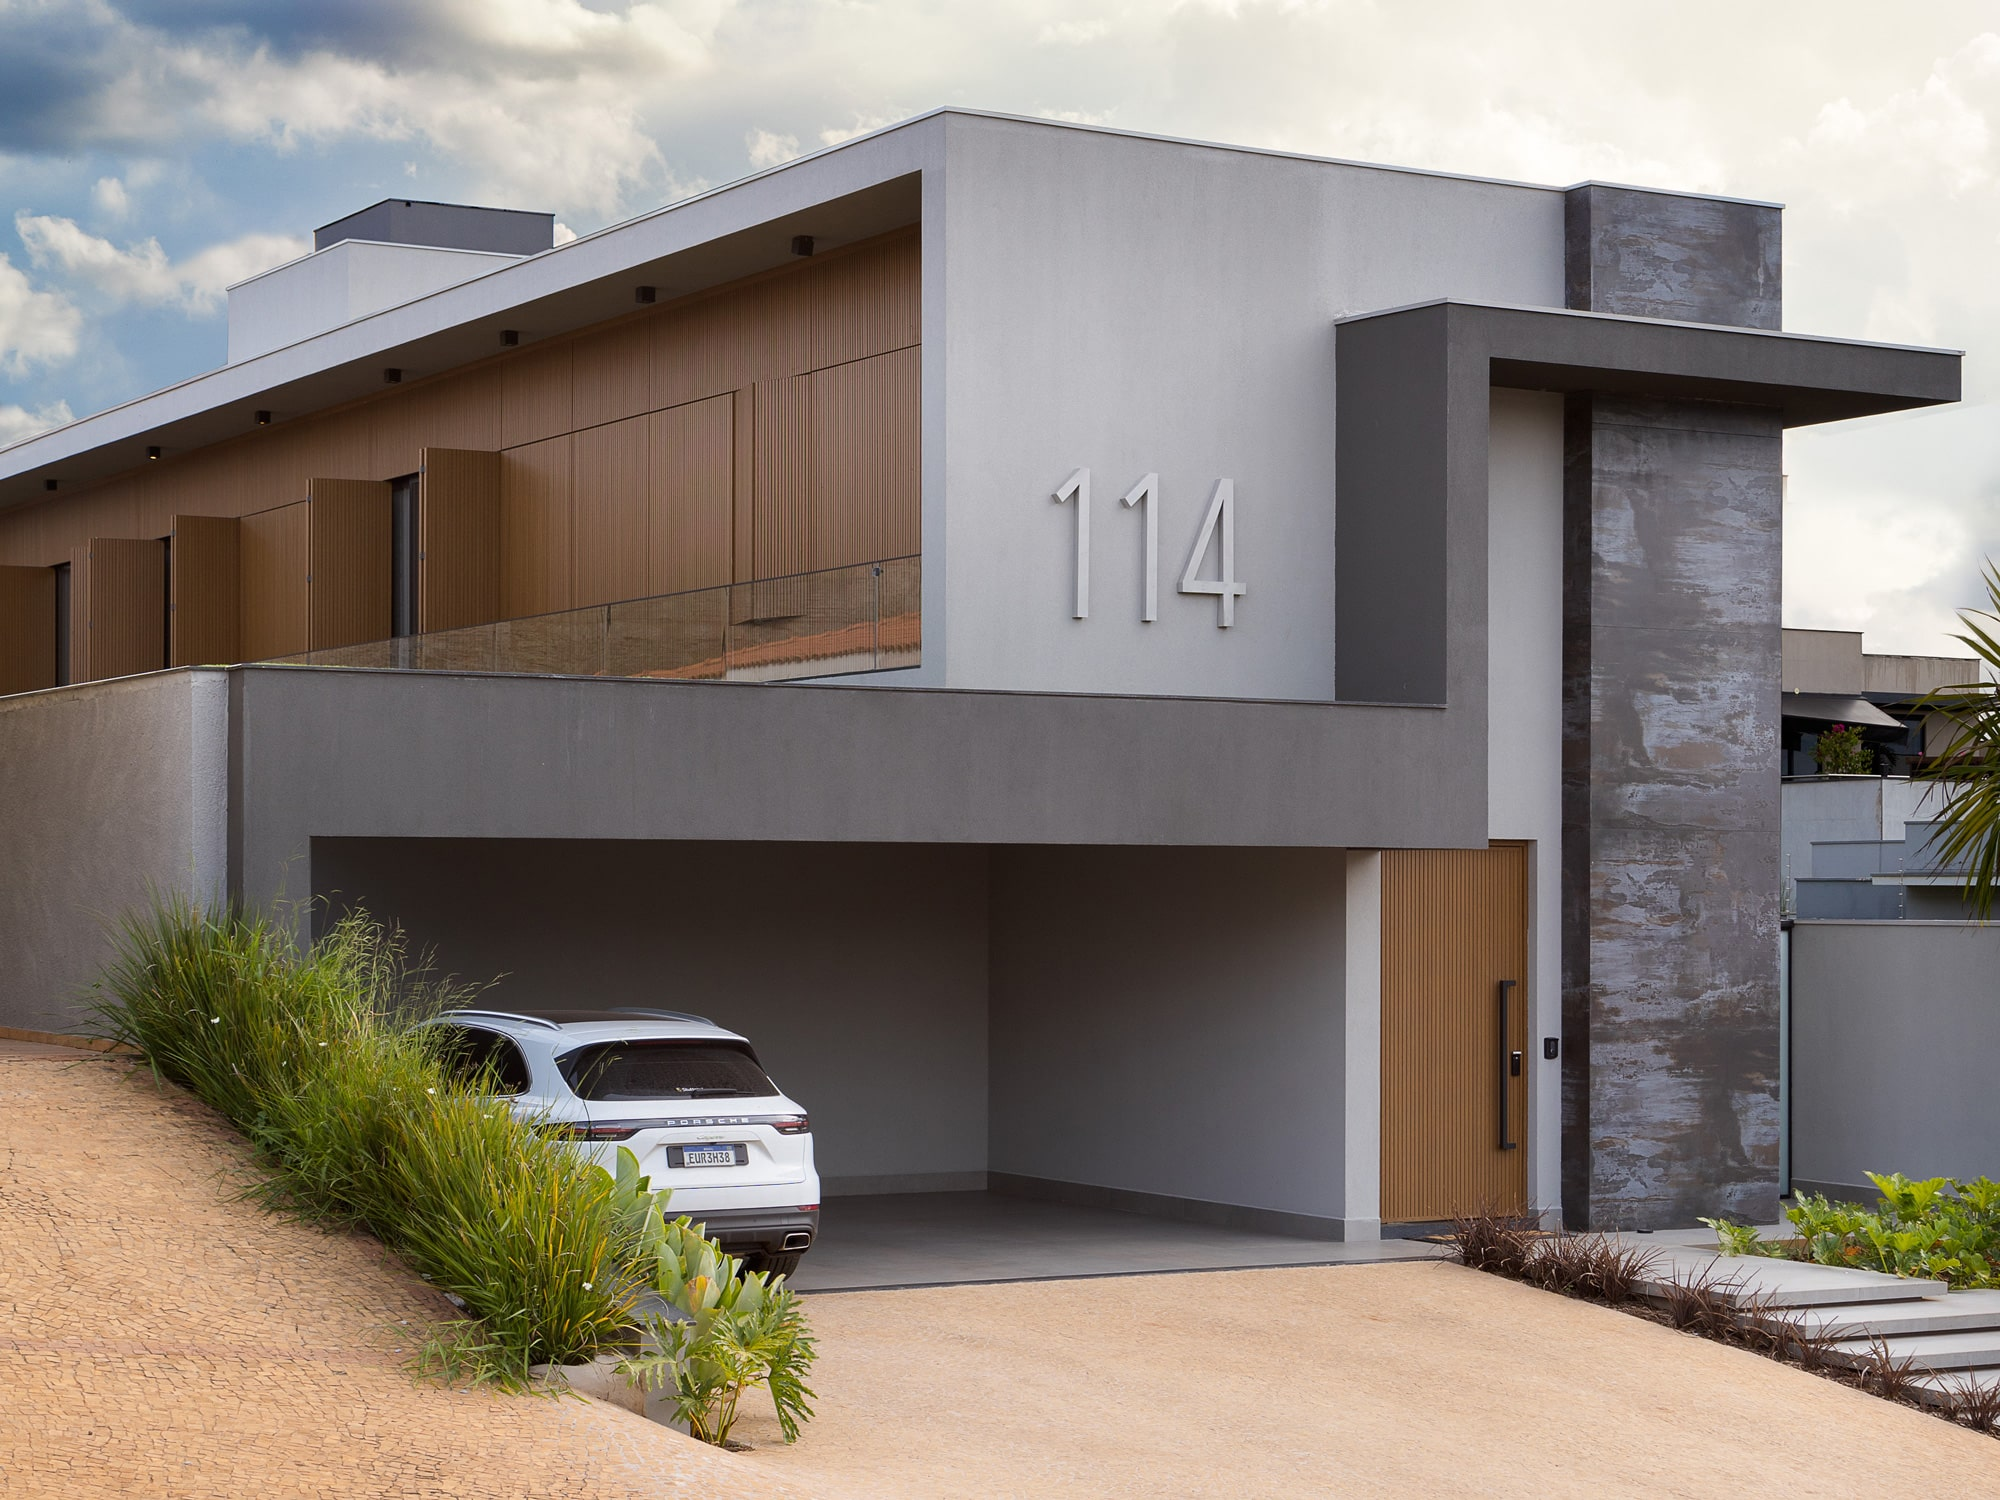 Rio Claro Residential  - CASA 114 1 51